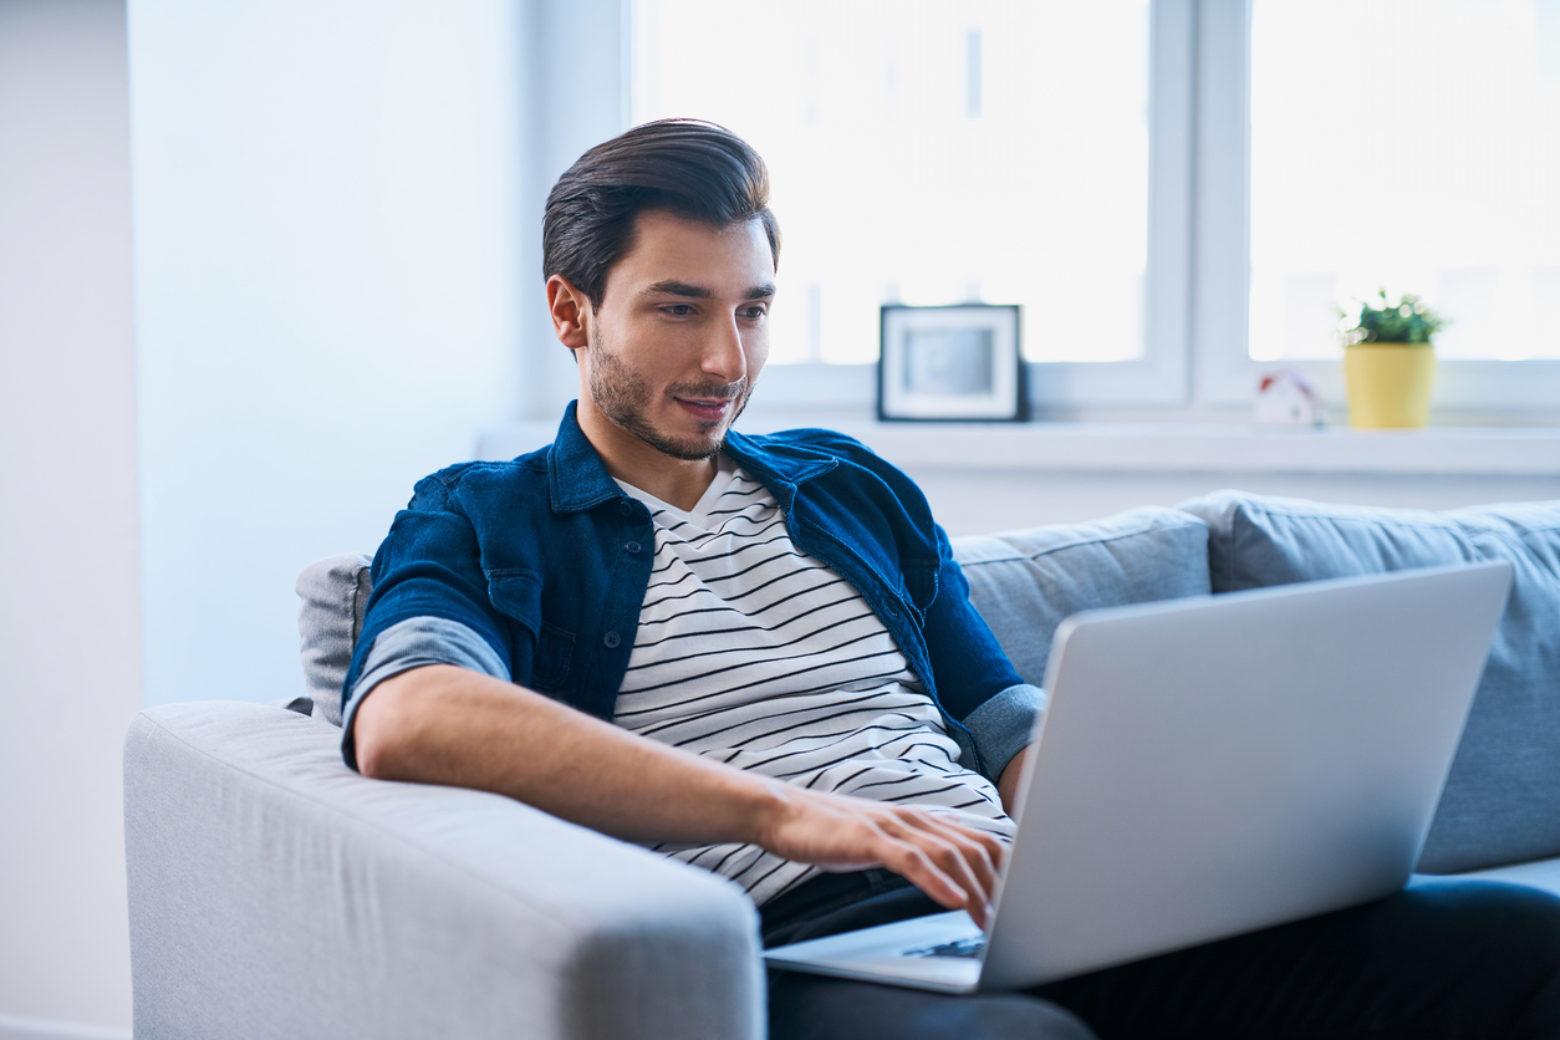 assono Chatbot im Recruiting: Intelligente Chatbots für das Recruiting von modernen Unternehmen